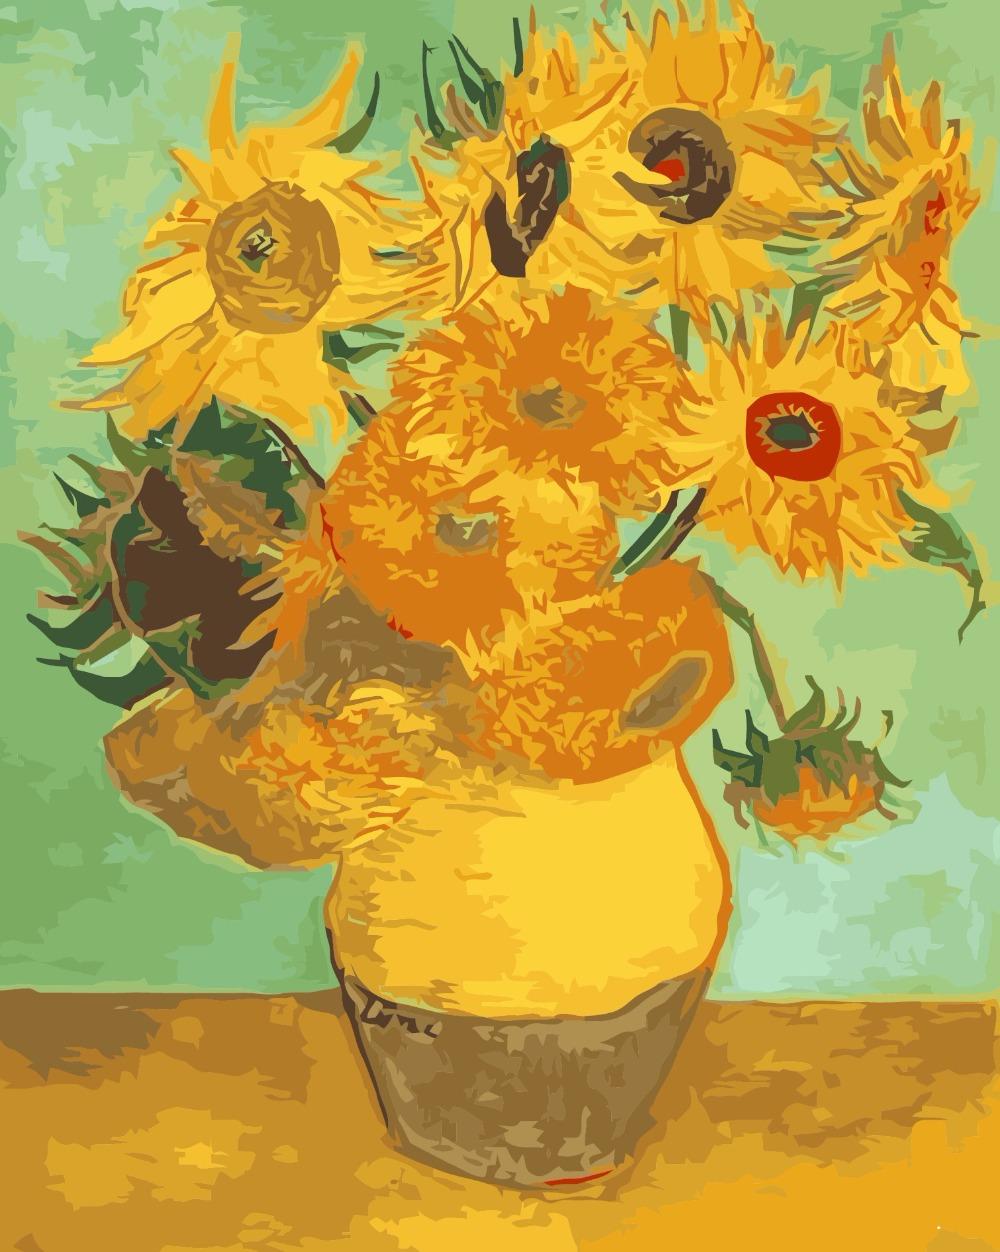 Van gogh pittura ad olio acquista a poco prezzo van gogh for Girasoli di van gogh da colorare